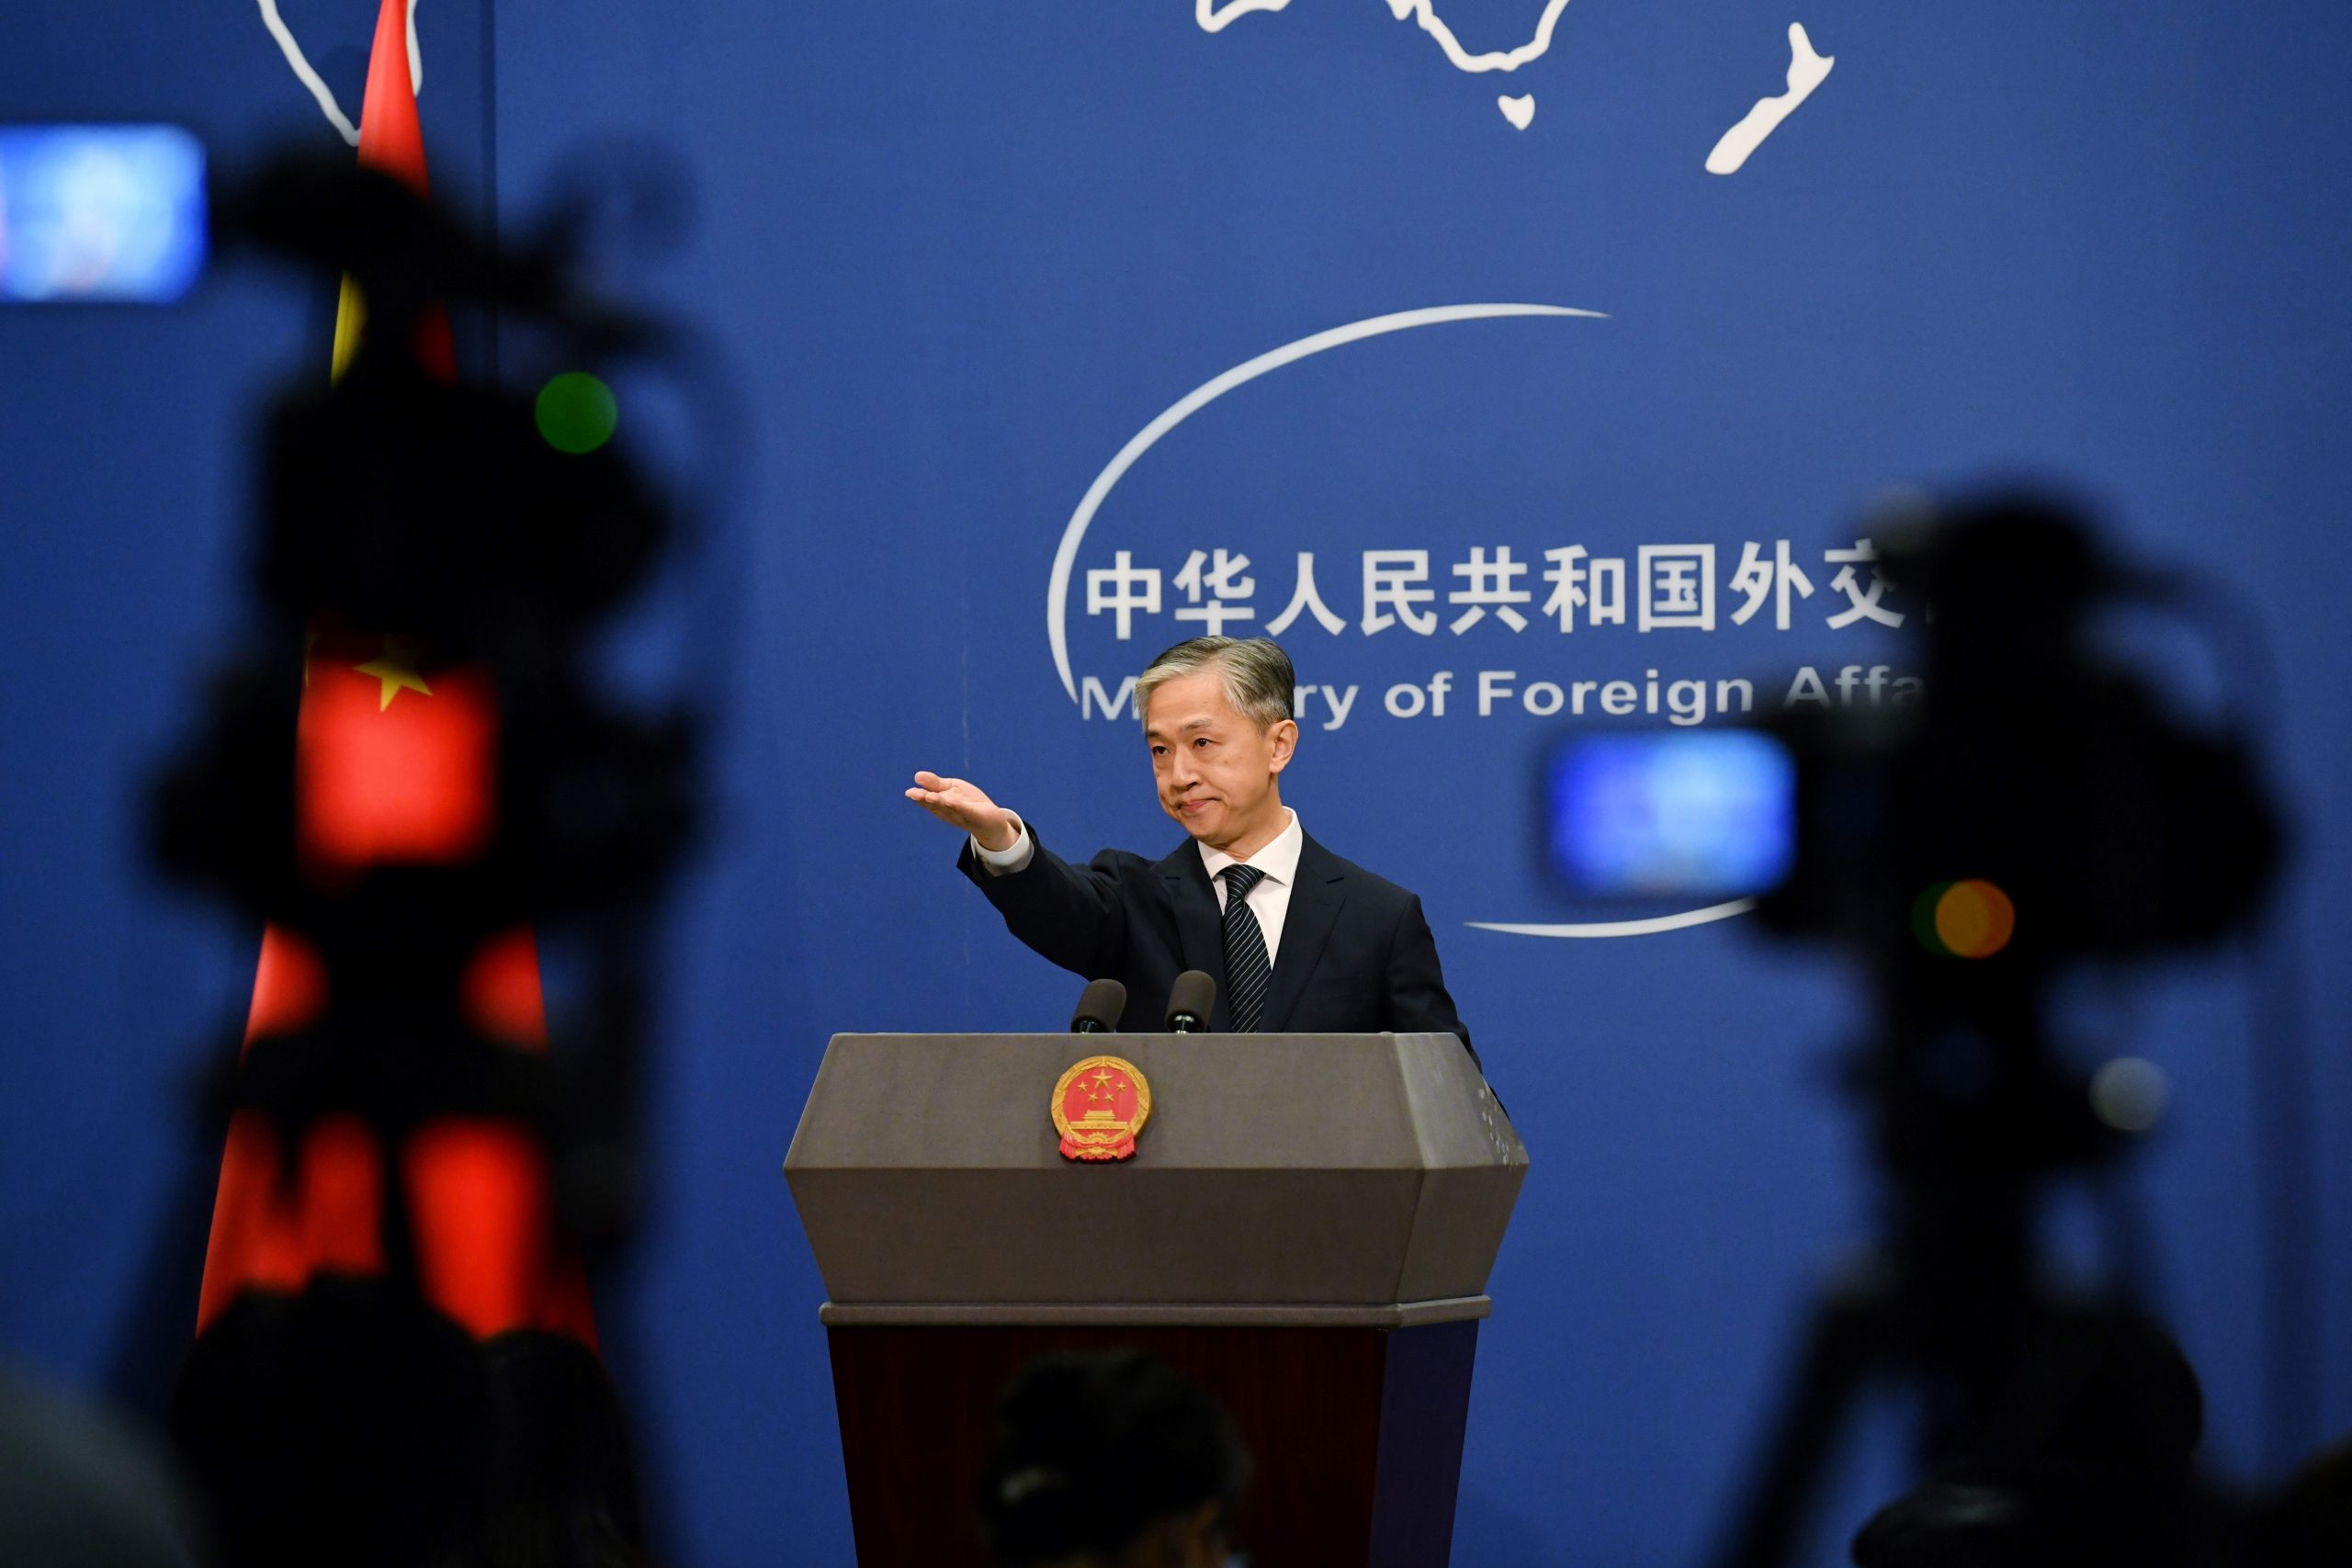 Keine Glückwünsche für Biden durch Pekings Staatschef – Was steckt dahinter?